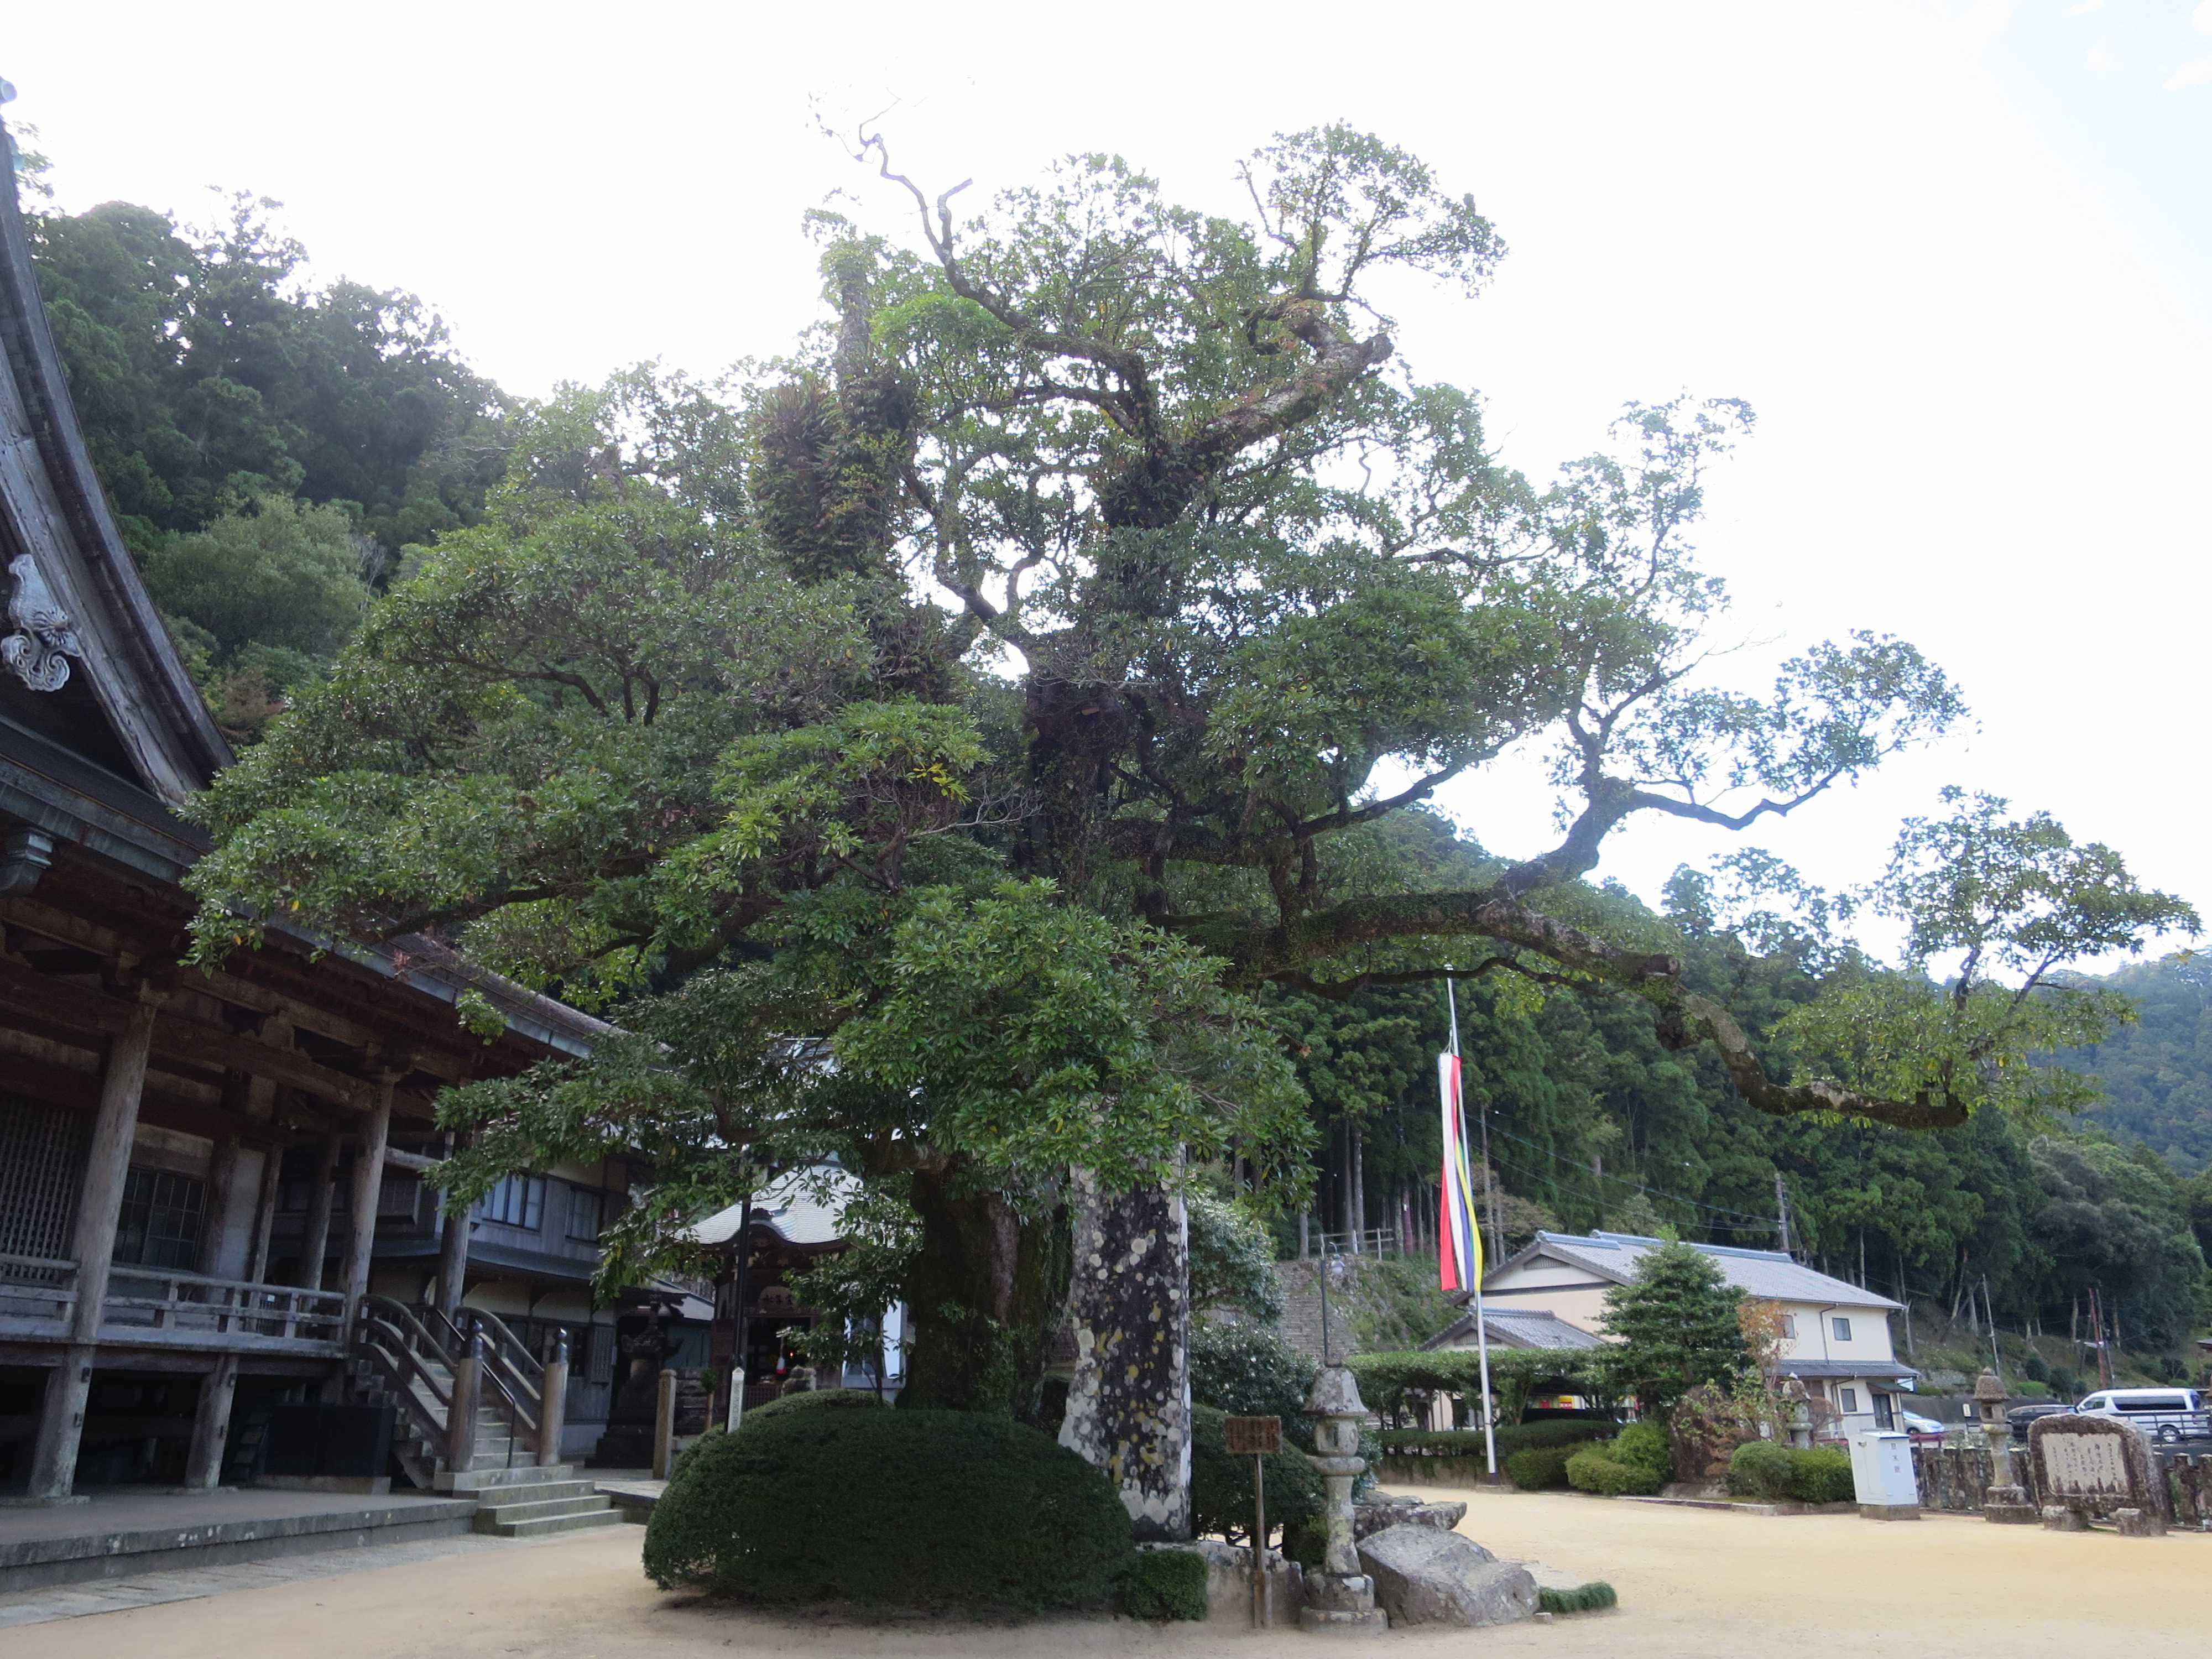 和歌山県指定天然記念物 タブノキ(通称:イヌグス/犬樟)